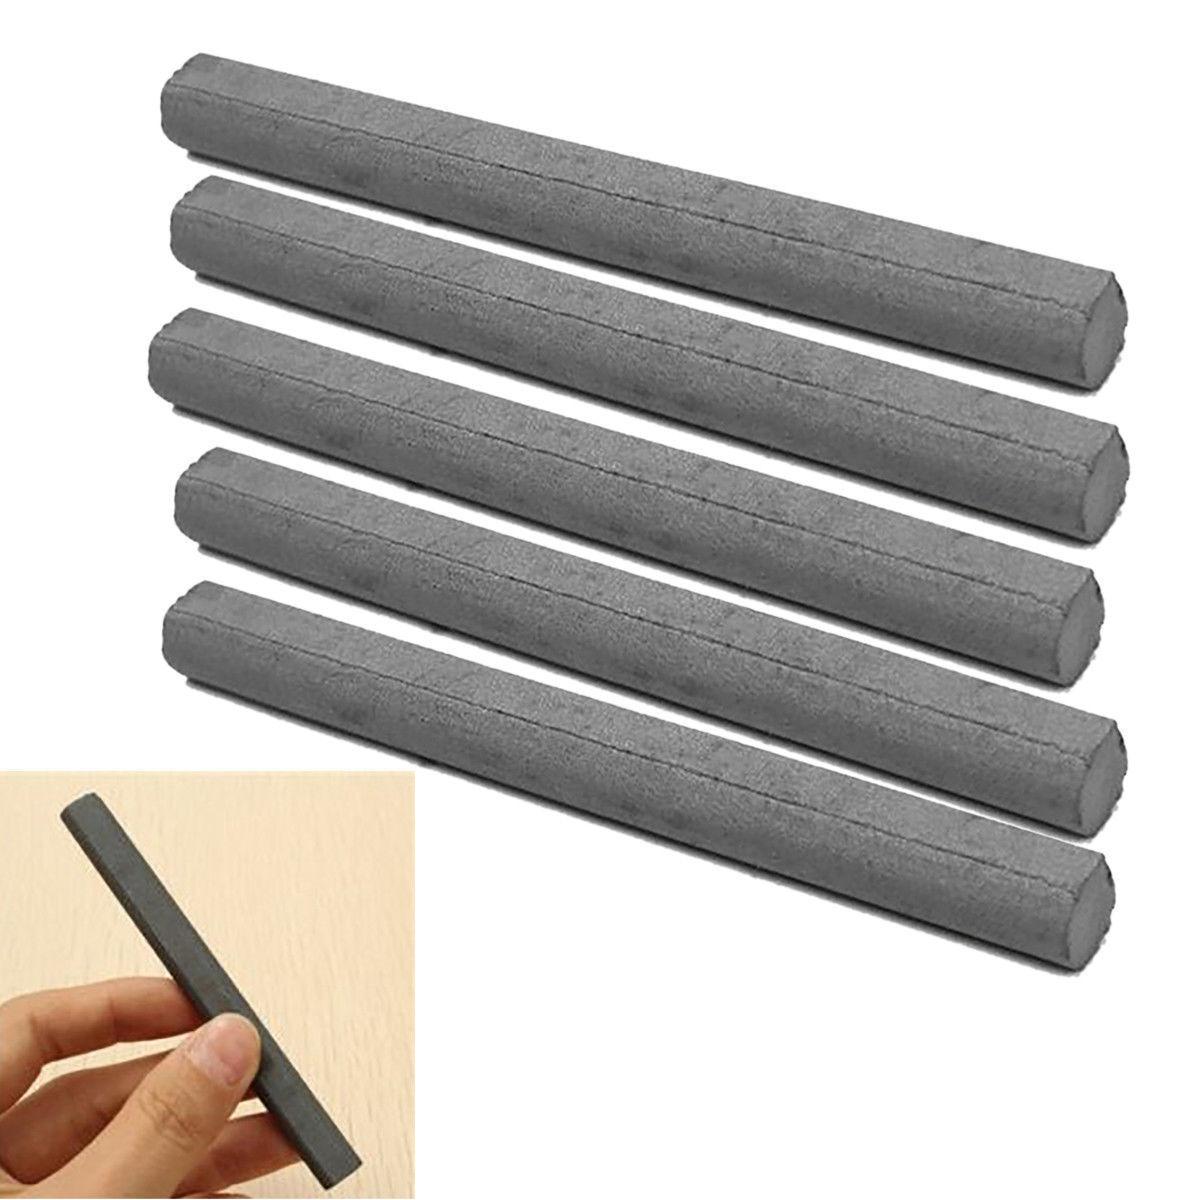 10x100mm Black MnZn Ferrite Rod Bar Loopstick For Crystal Radio Antenna Aerial